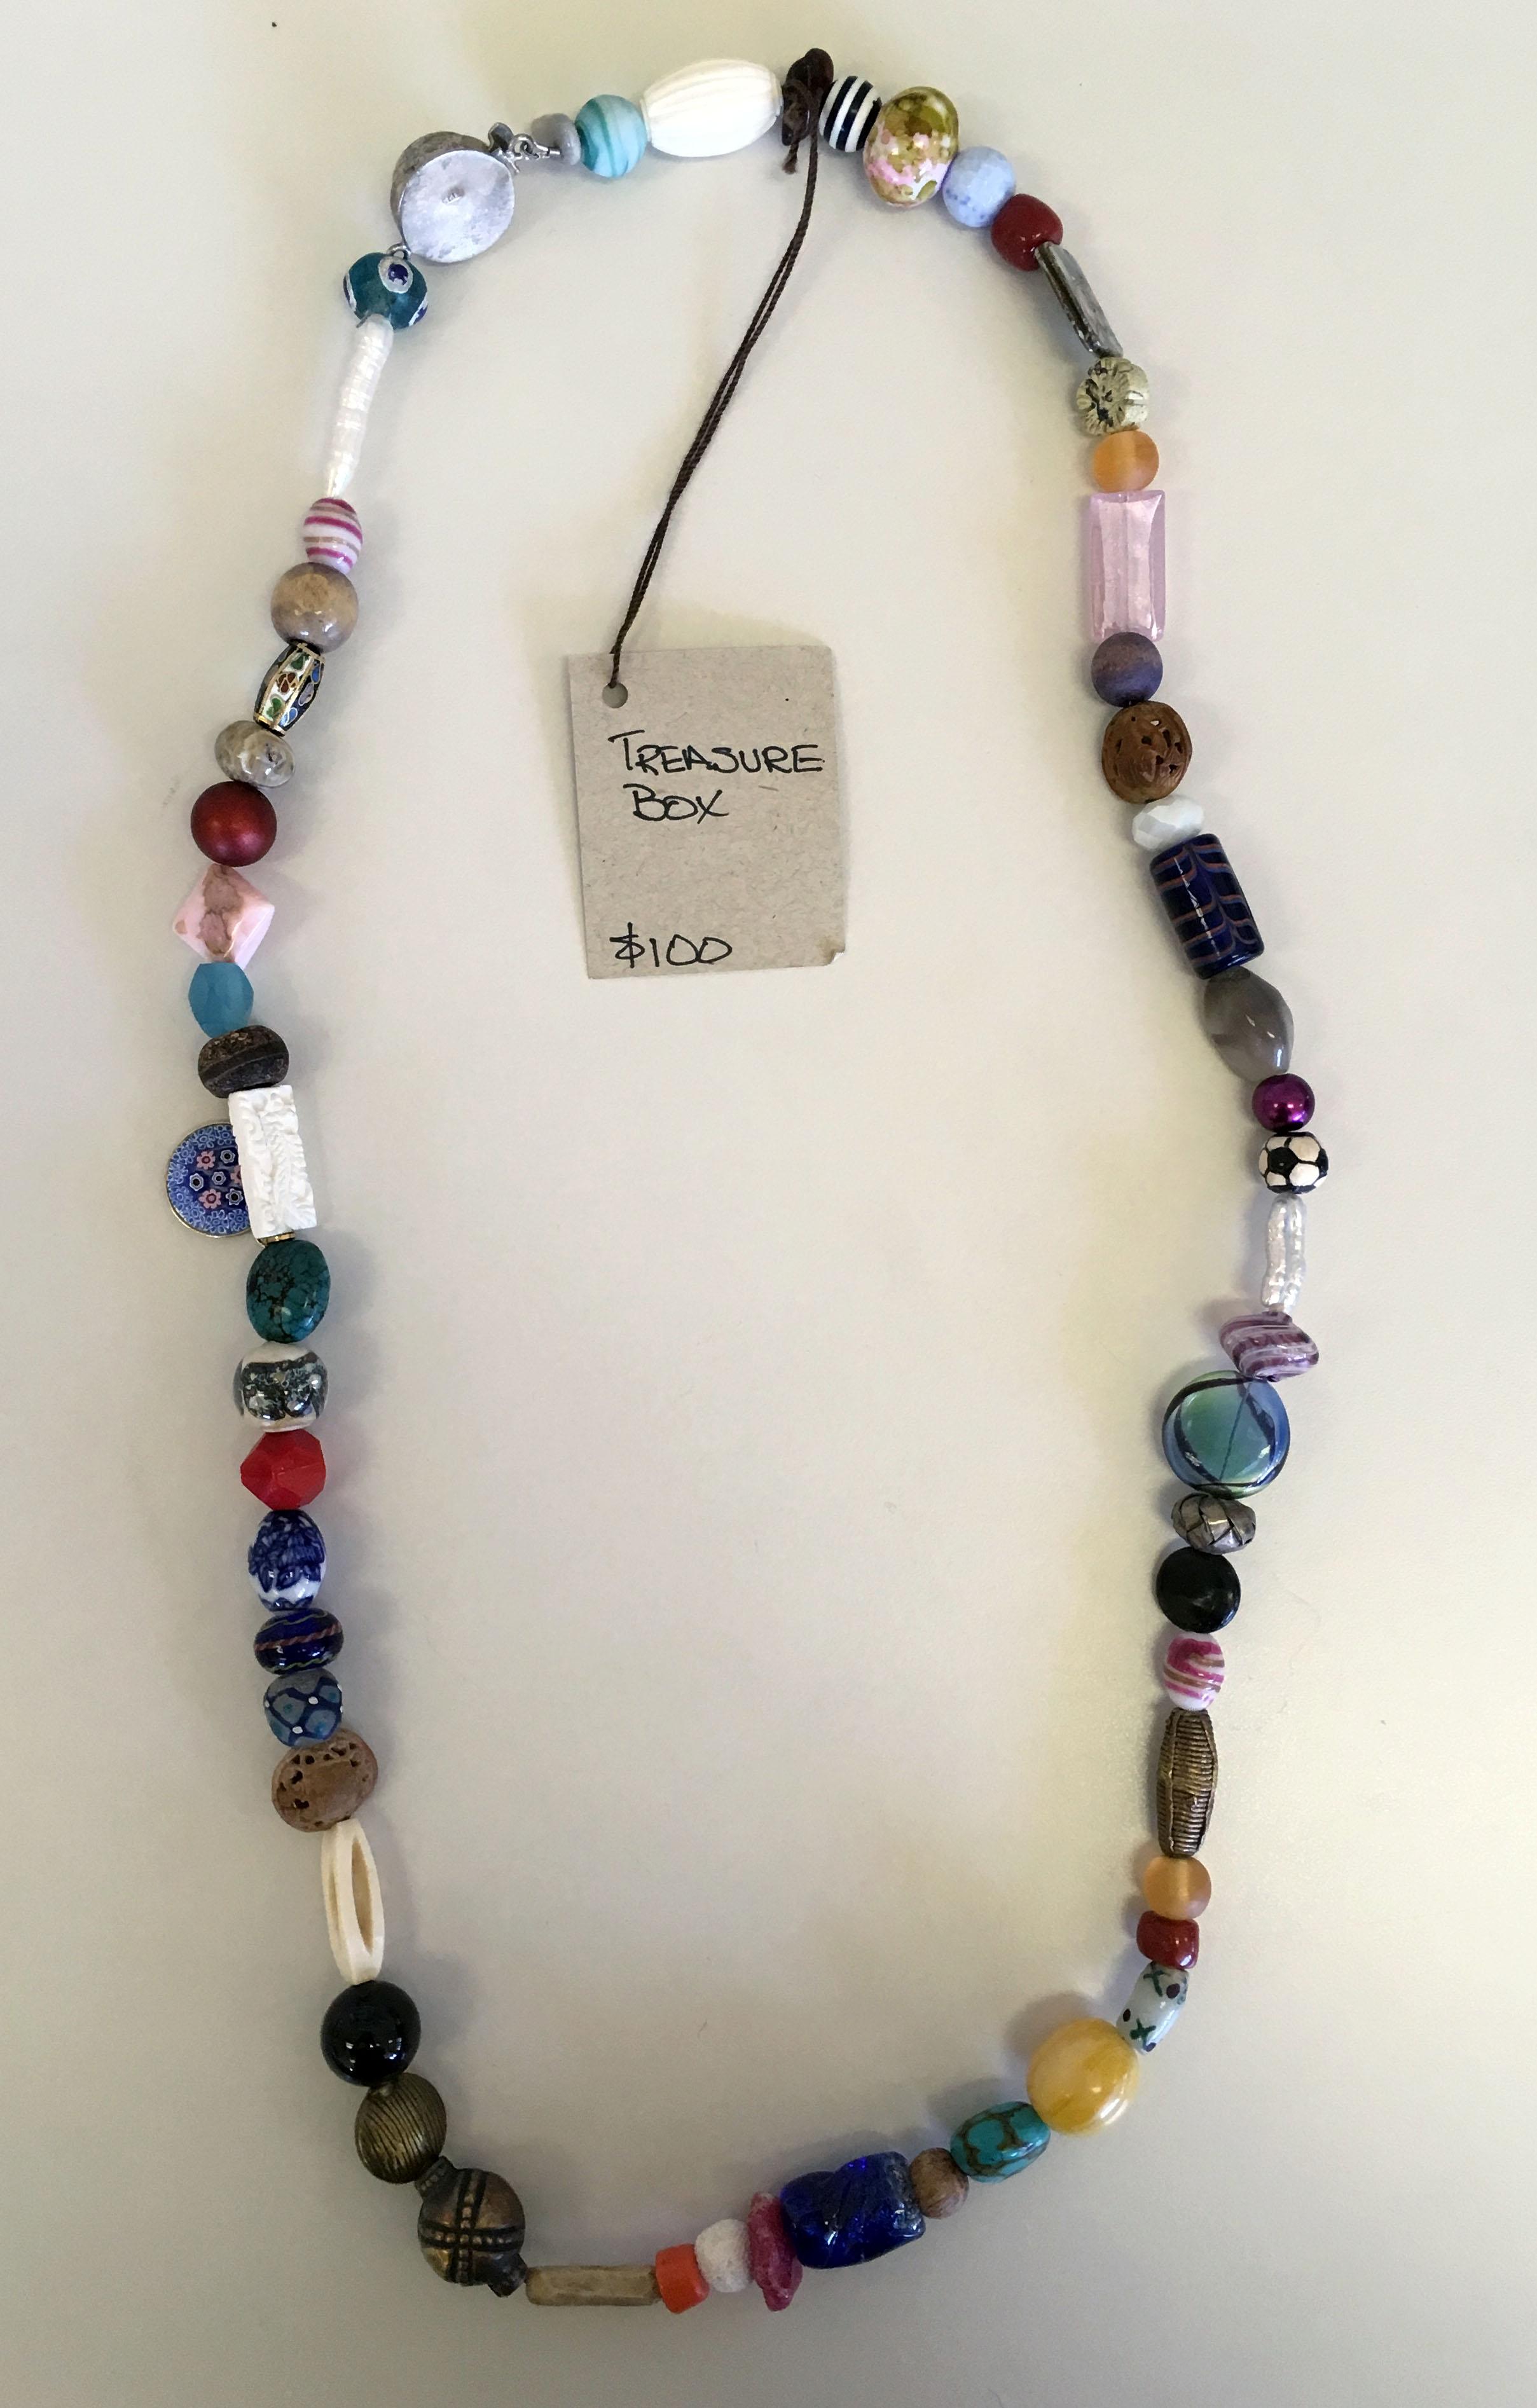 Treasure Box by Carlyn Ring, Retail $100